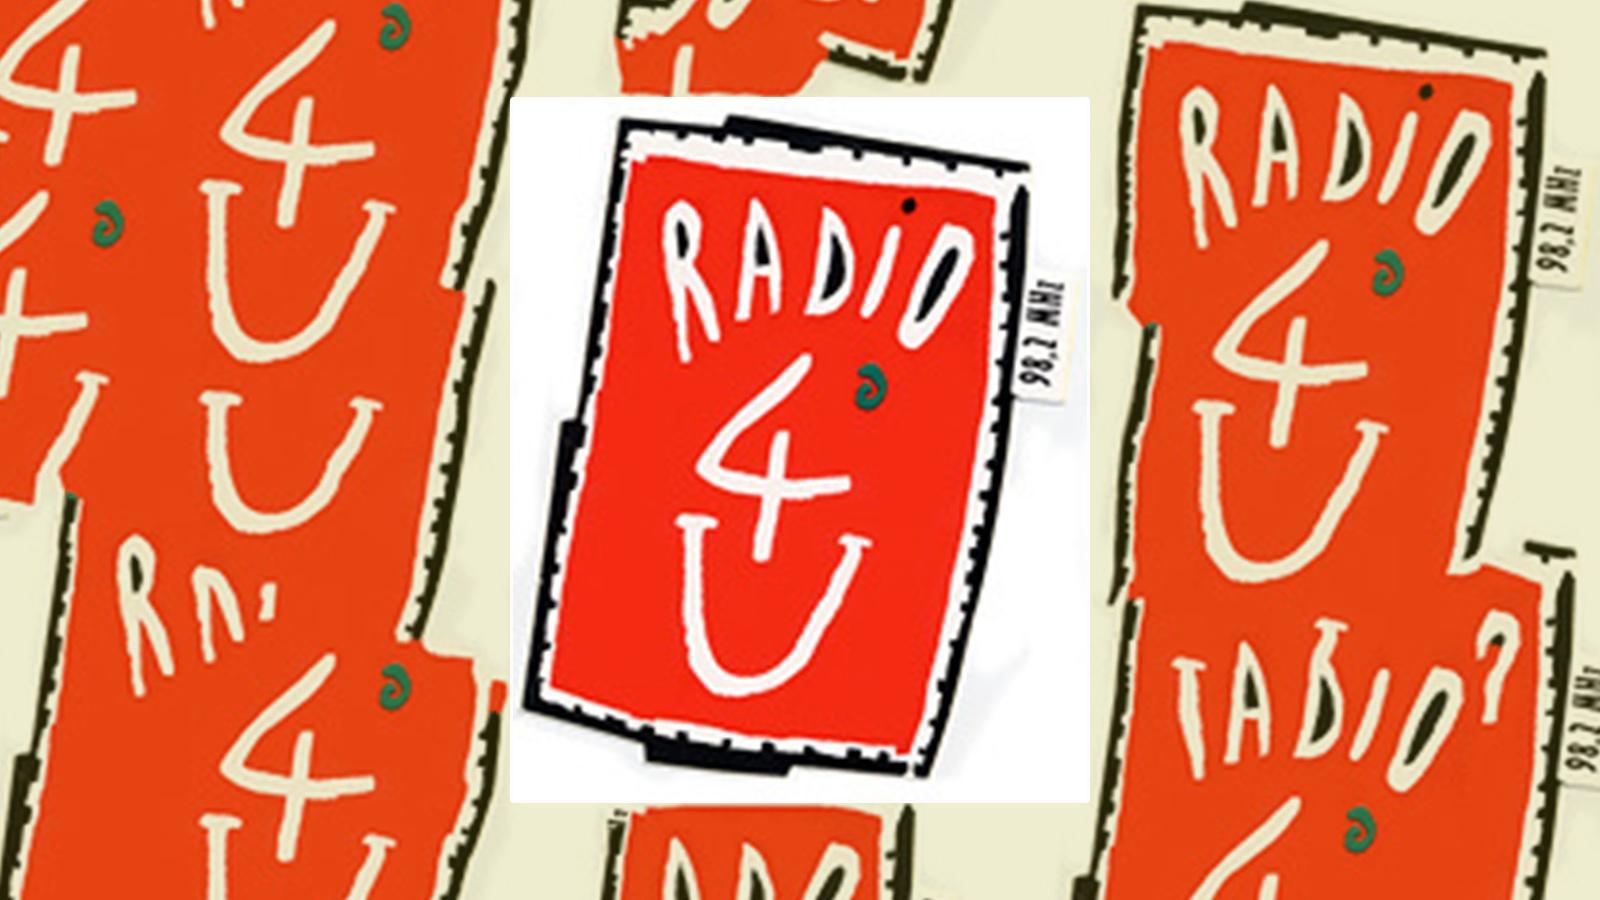 Radio 4 U